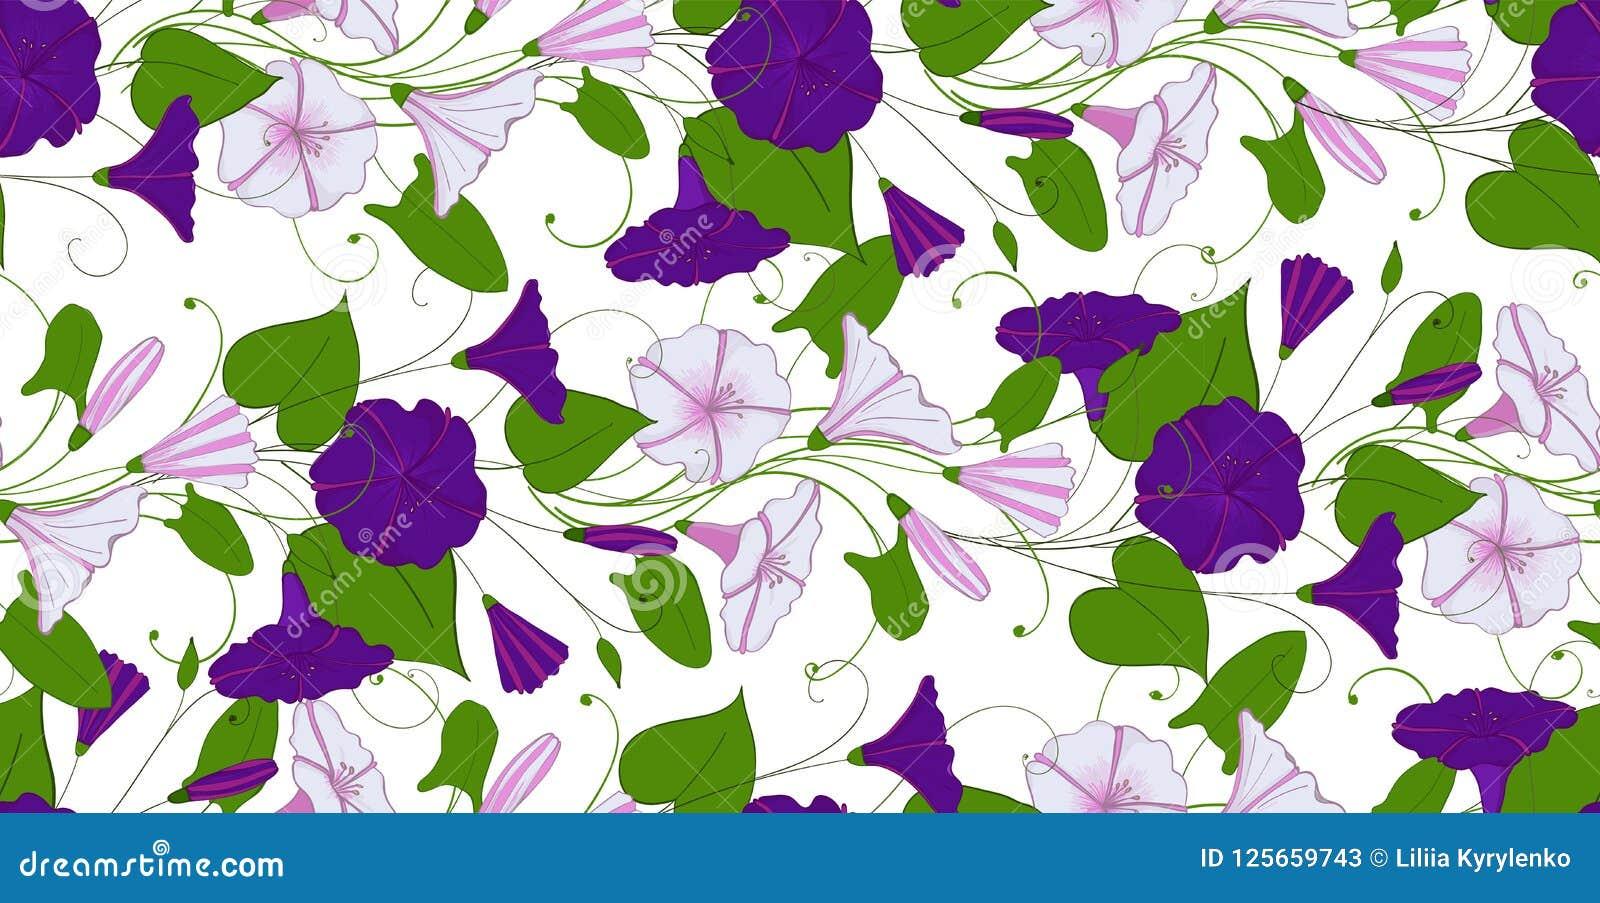 Kwiecisty elegancki tło powój bezszwowy oferta wzoru kwiatu bindweed Chwała niekończący się kobiecy ornament